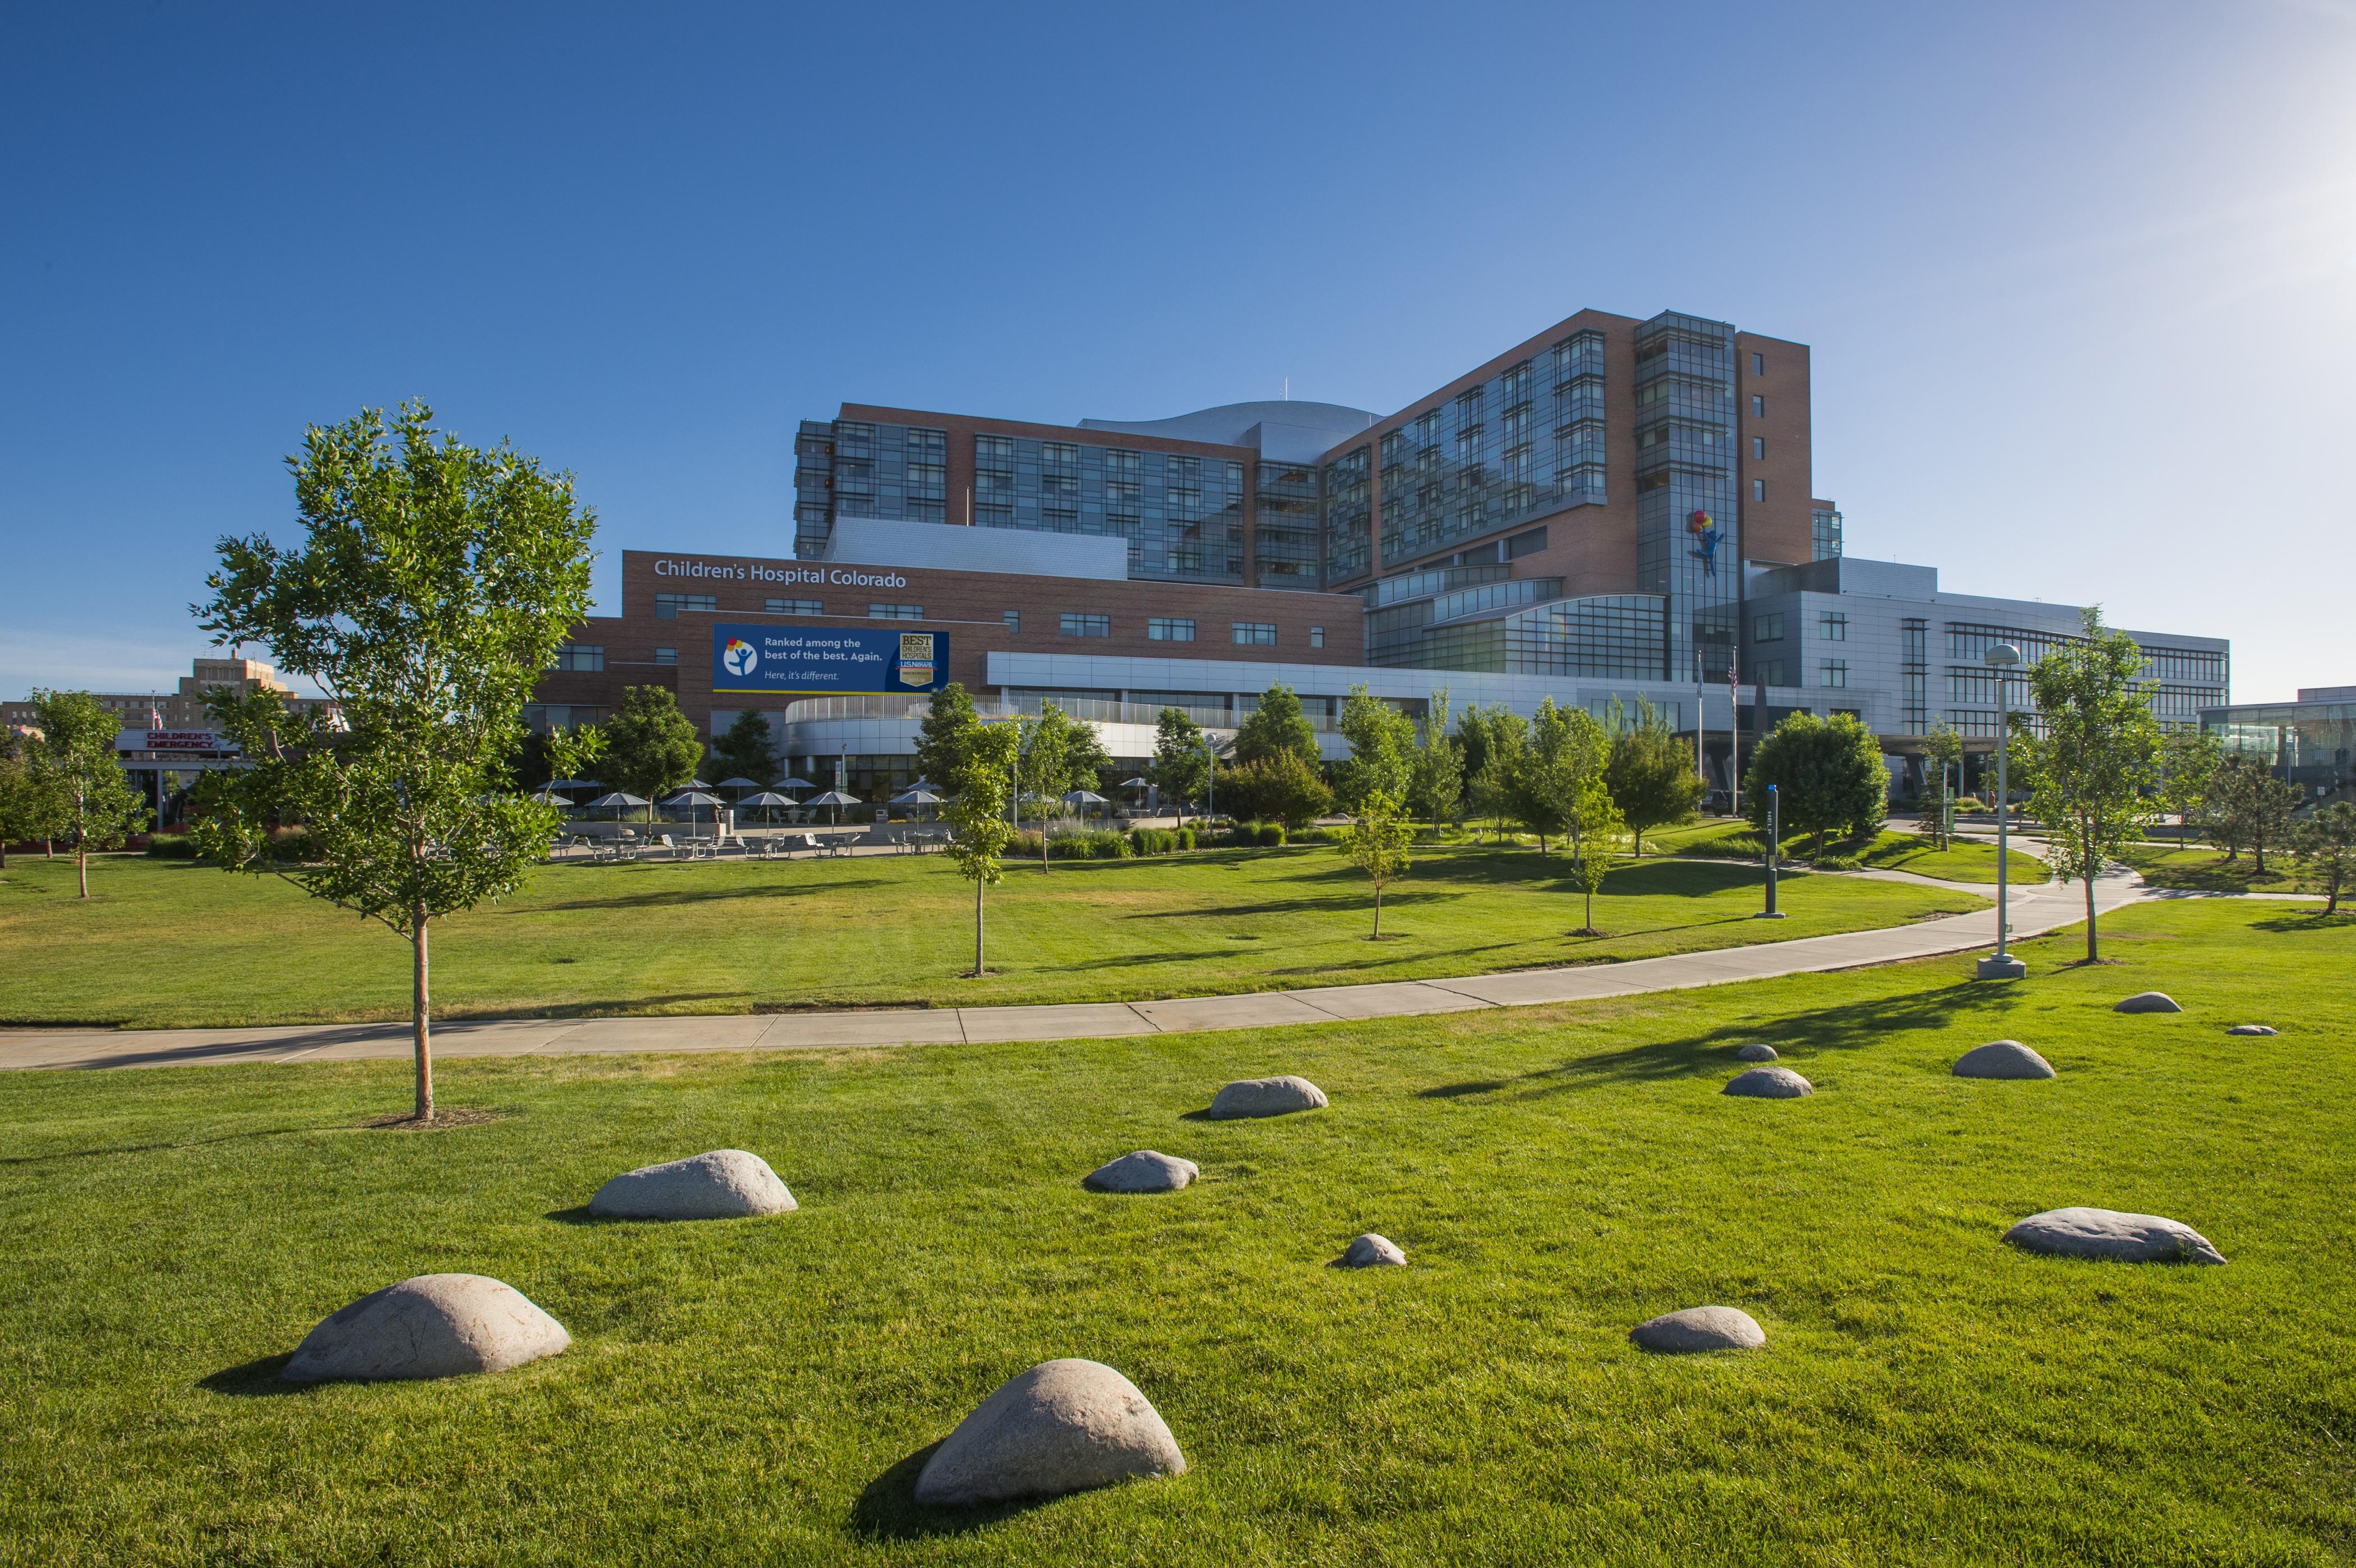 Children's Hospital Colorado Exterior Image(1)